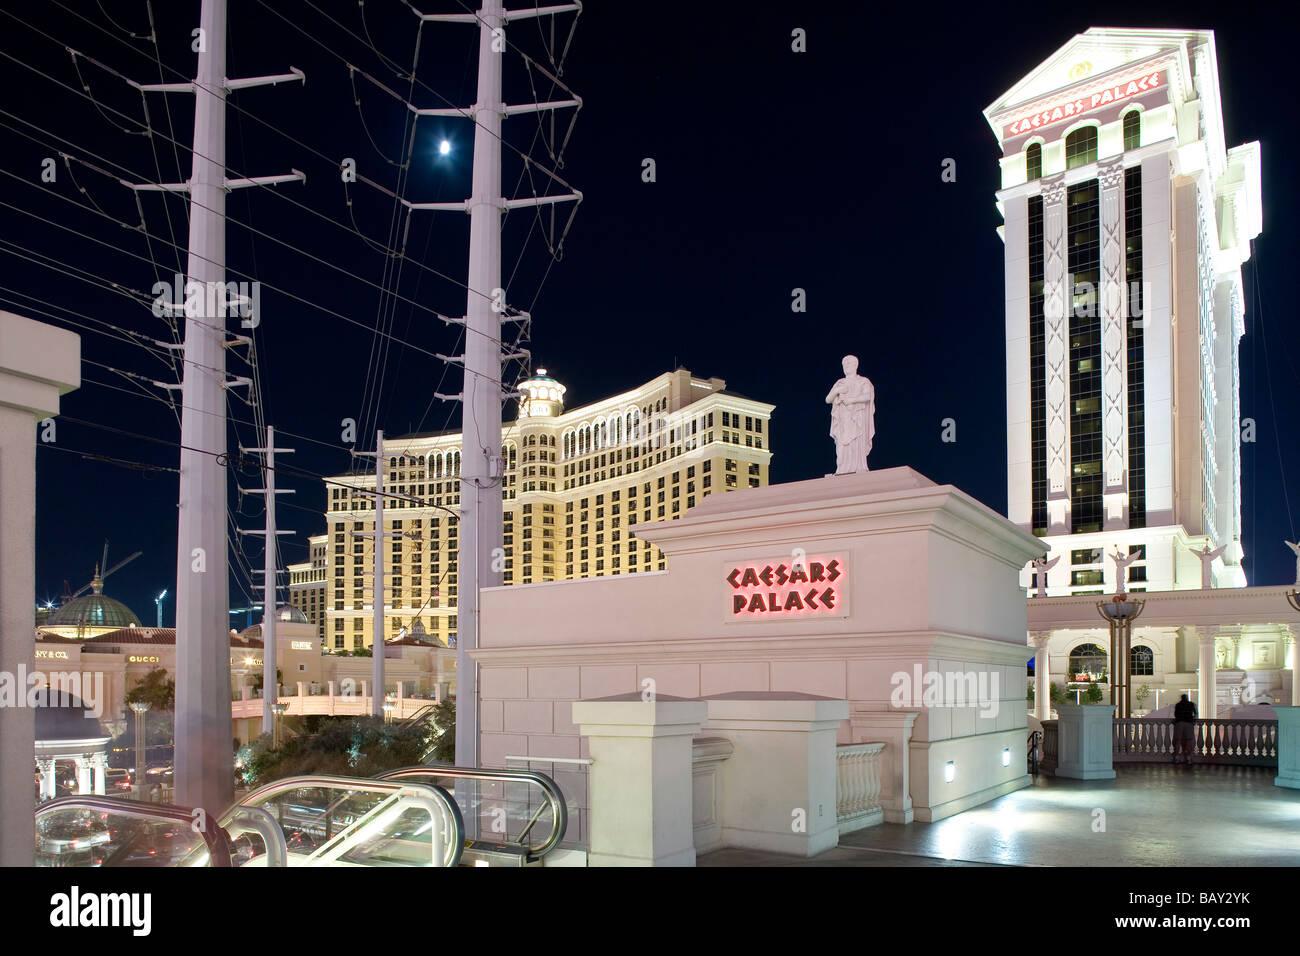 Caesars Palace Hotel and Casino in Las Vegas, Las Vegas, Nevada, USA - Stock Image